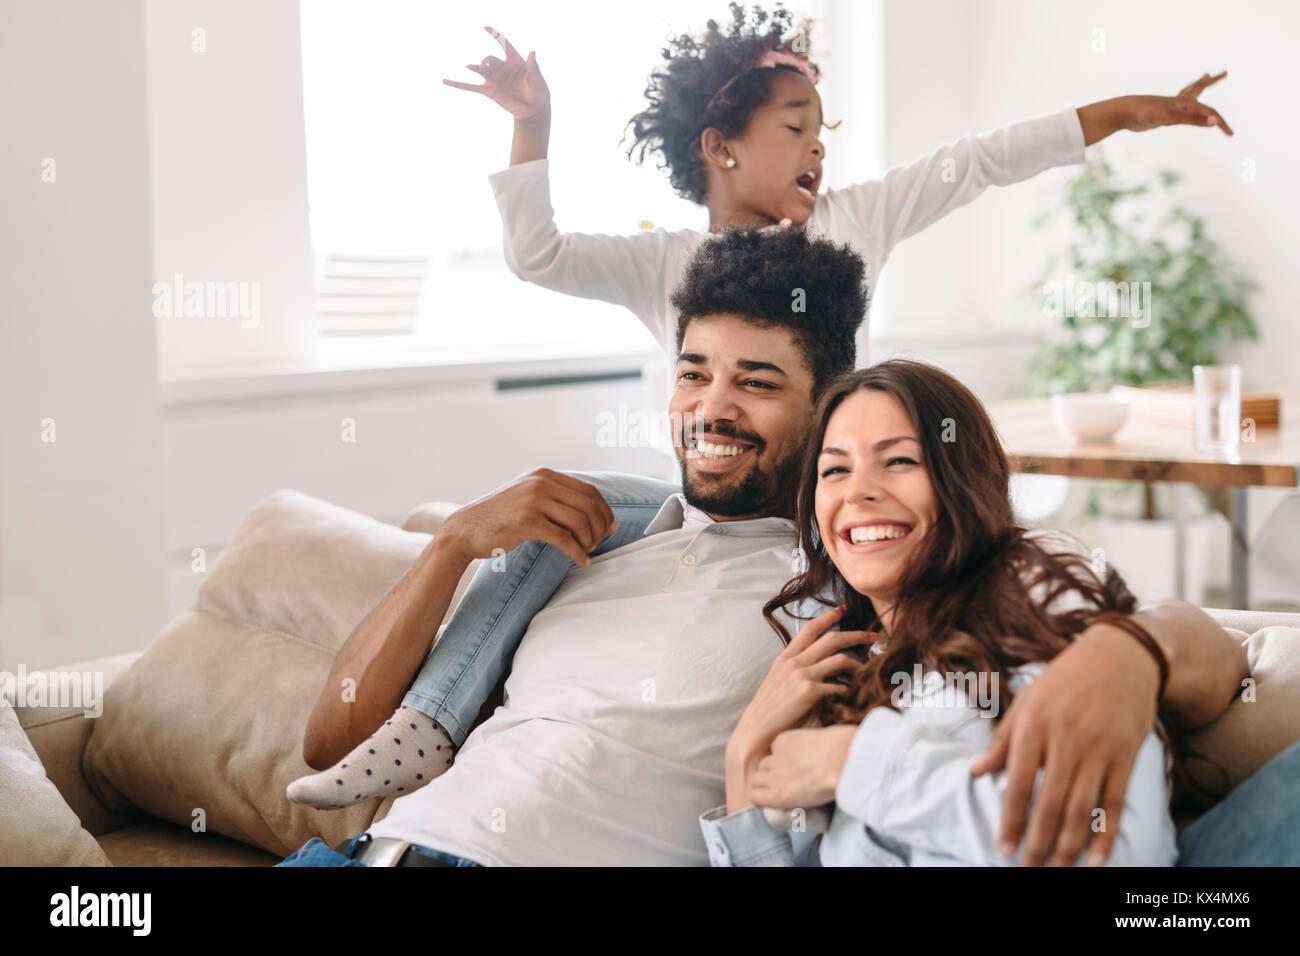 Vie de famille portrait d'une maman et papa avec leur enfant Banque D'Images